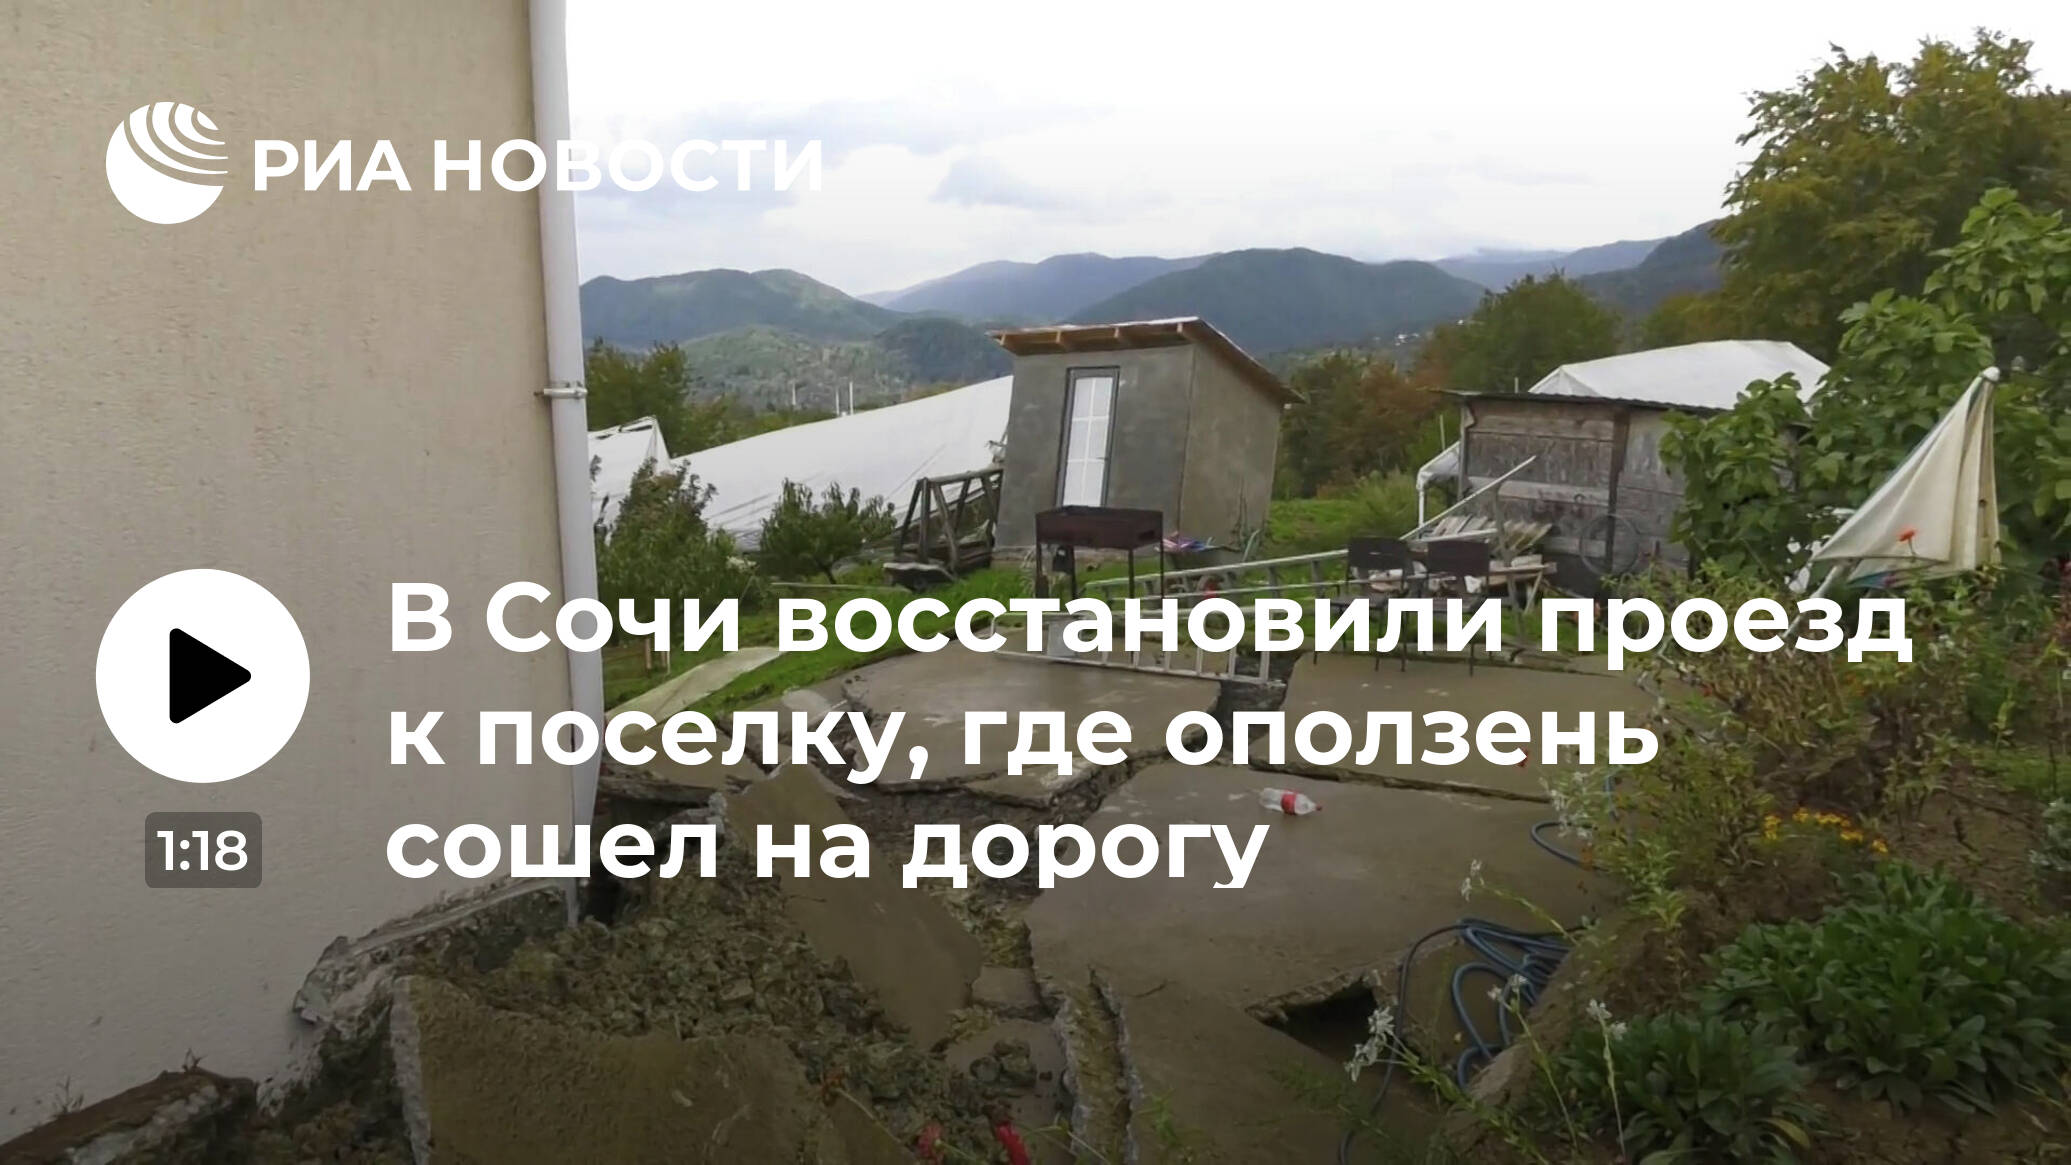 В Сочи восстановили проезд к поселку, где оползень сошел на дорогу